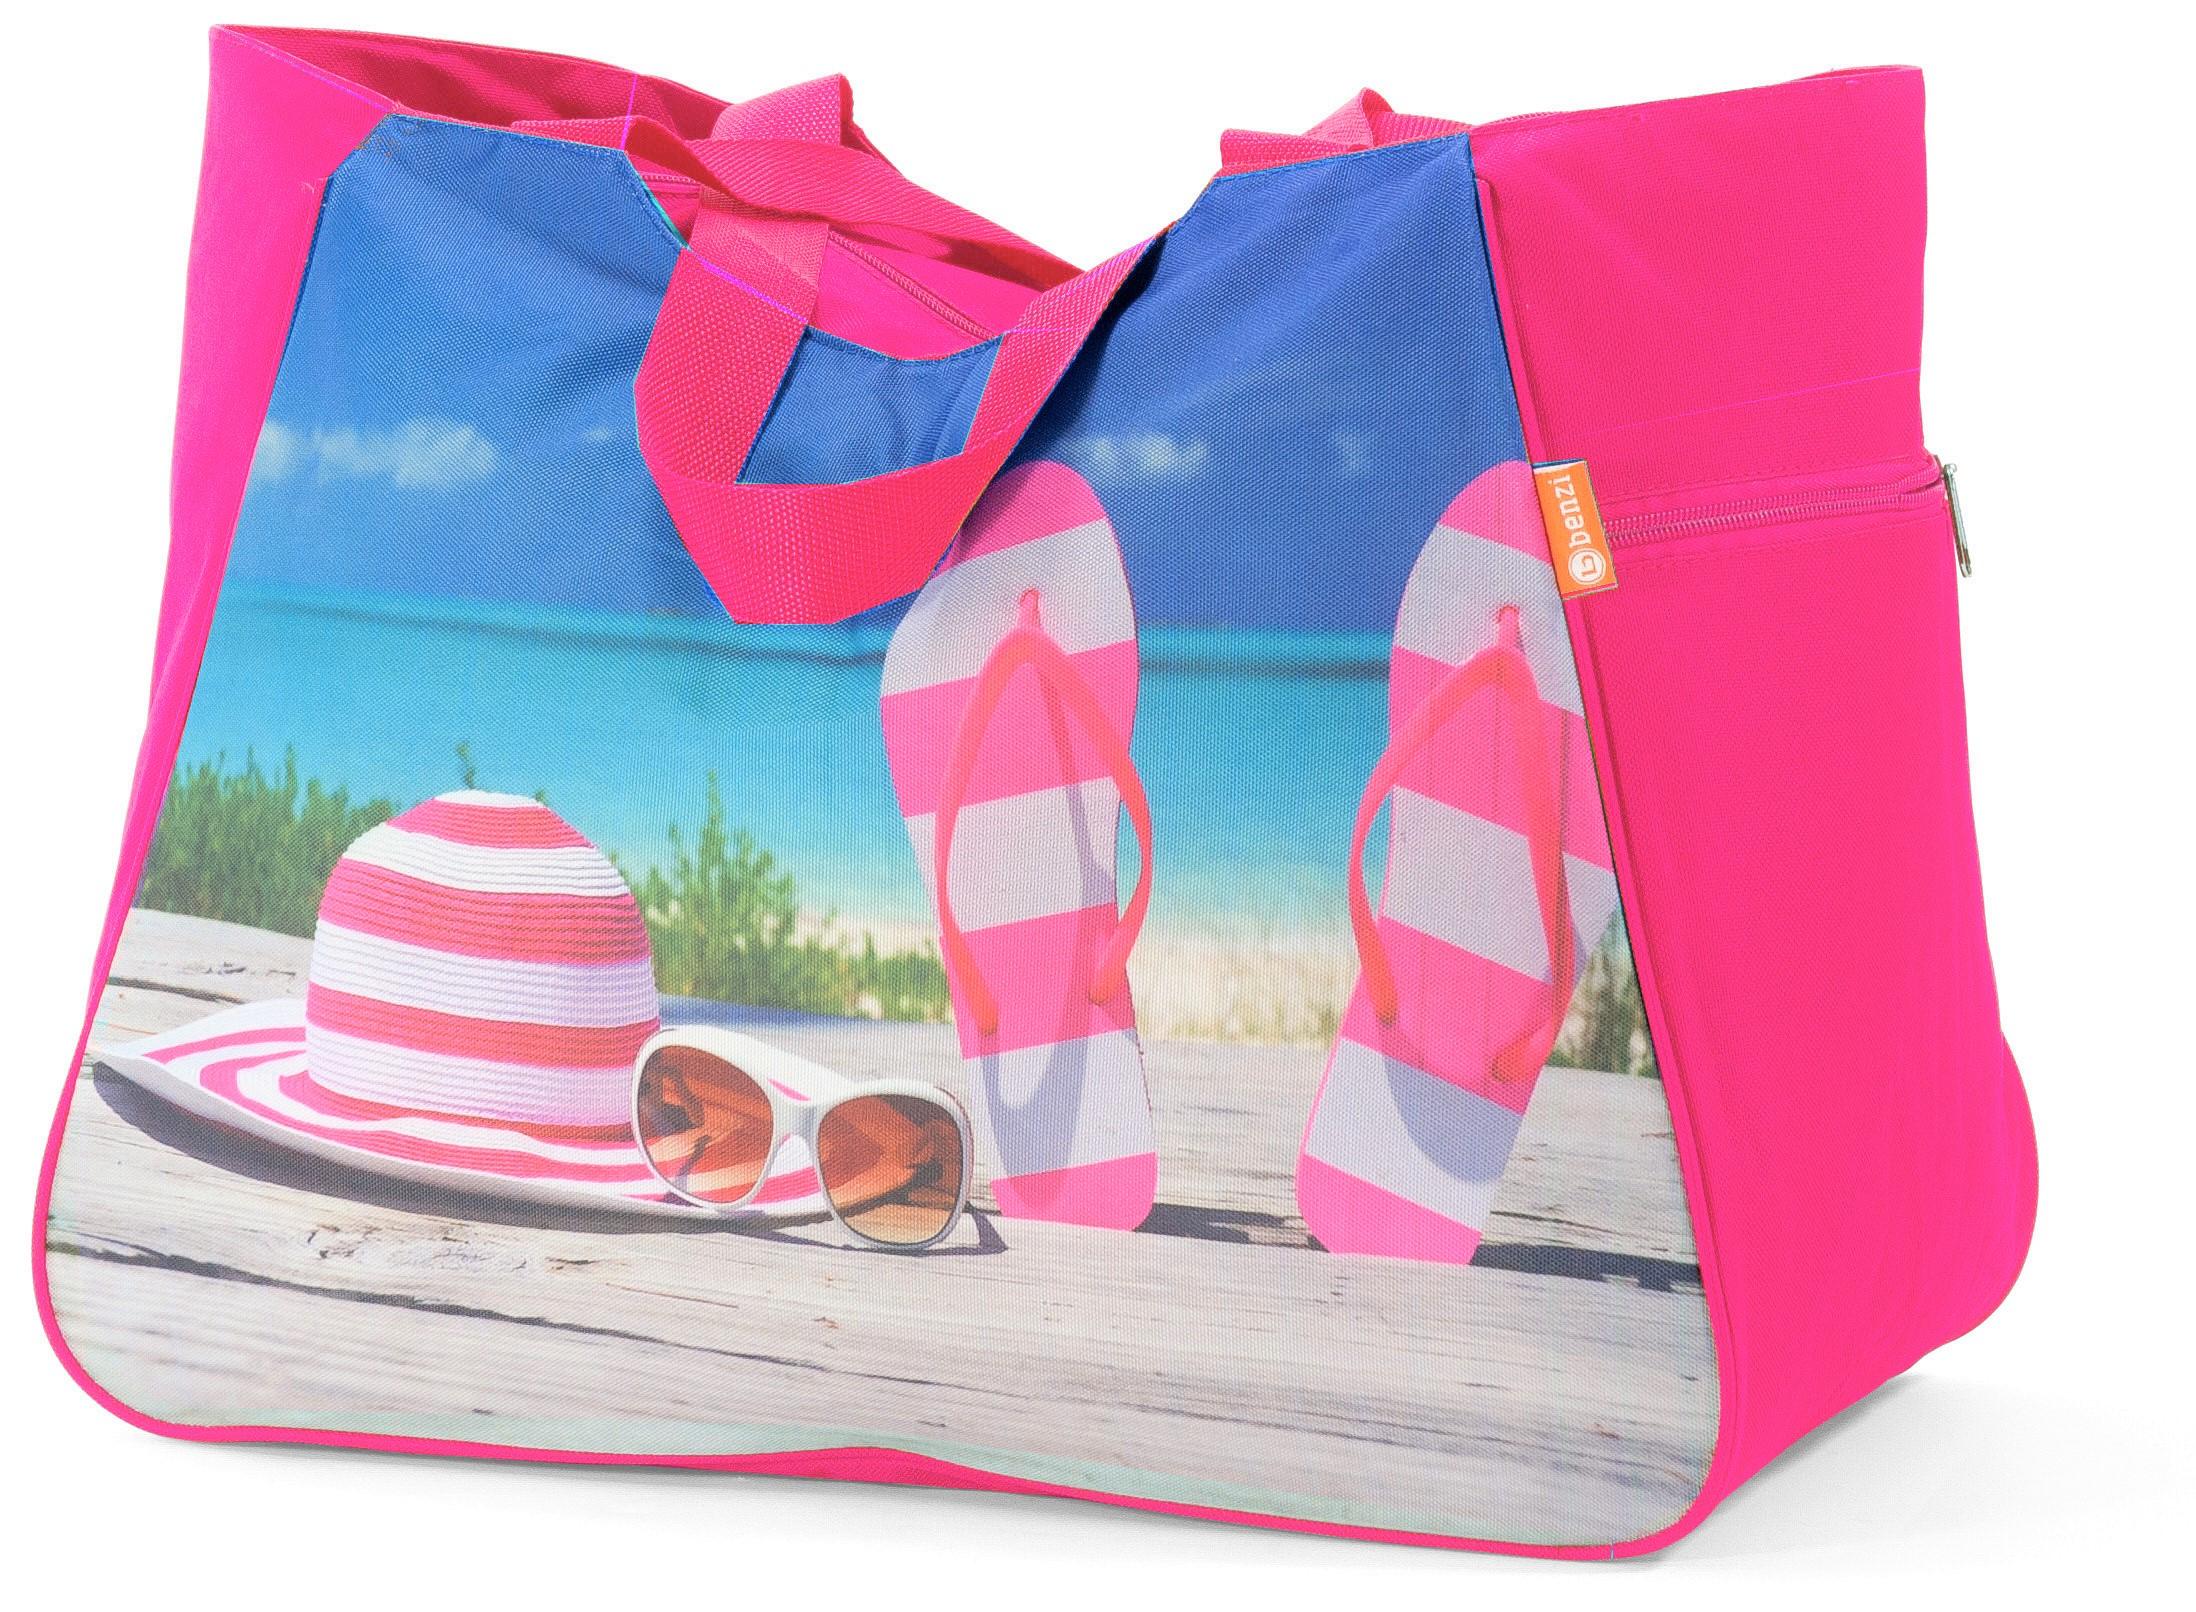 Τσάντα Θαλάσσης 48x26x37εκ. benzi 5002 Pink - benzi - BZ-5002-pink καλοκαιρινα  τσάντες θαλάσσης